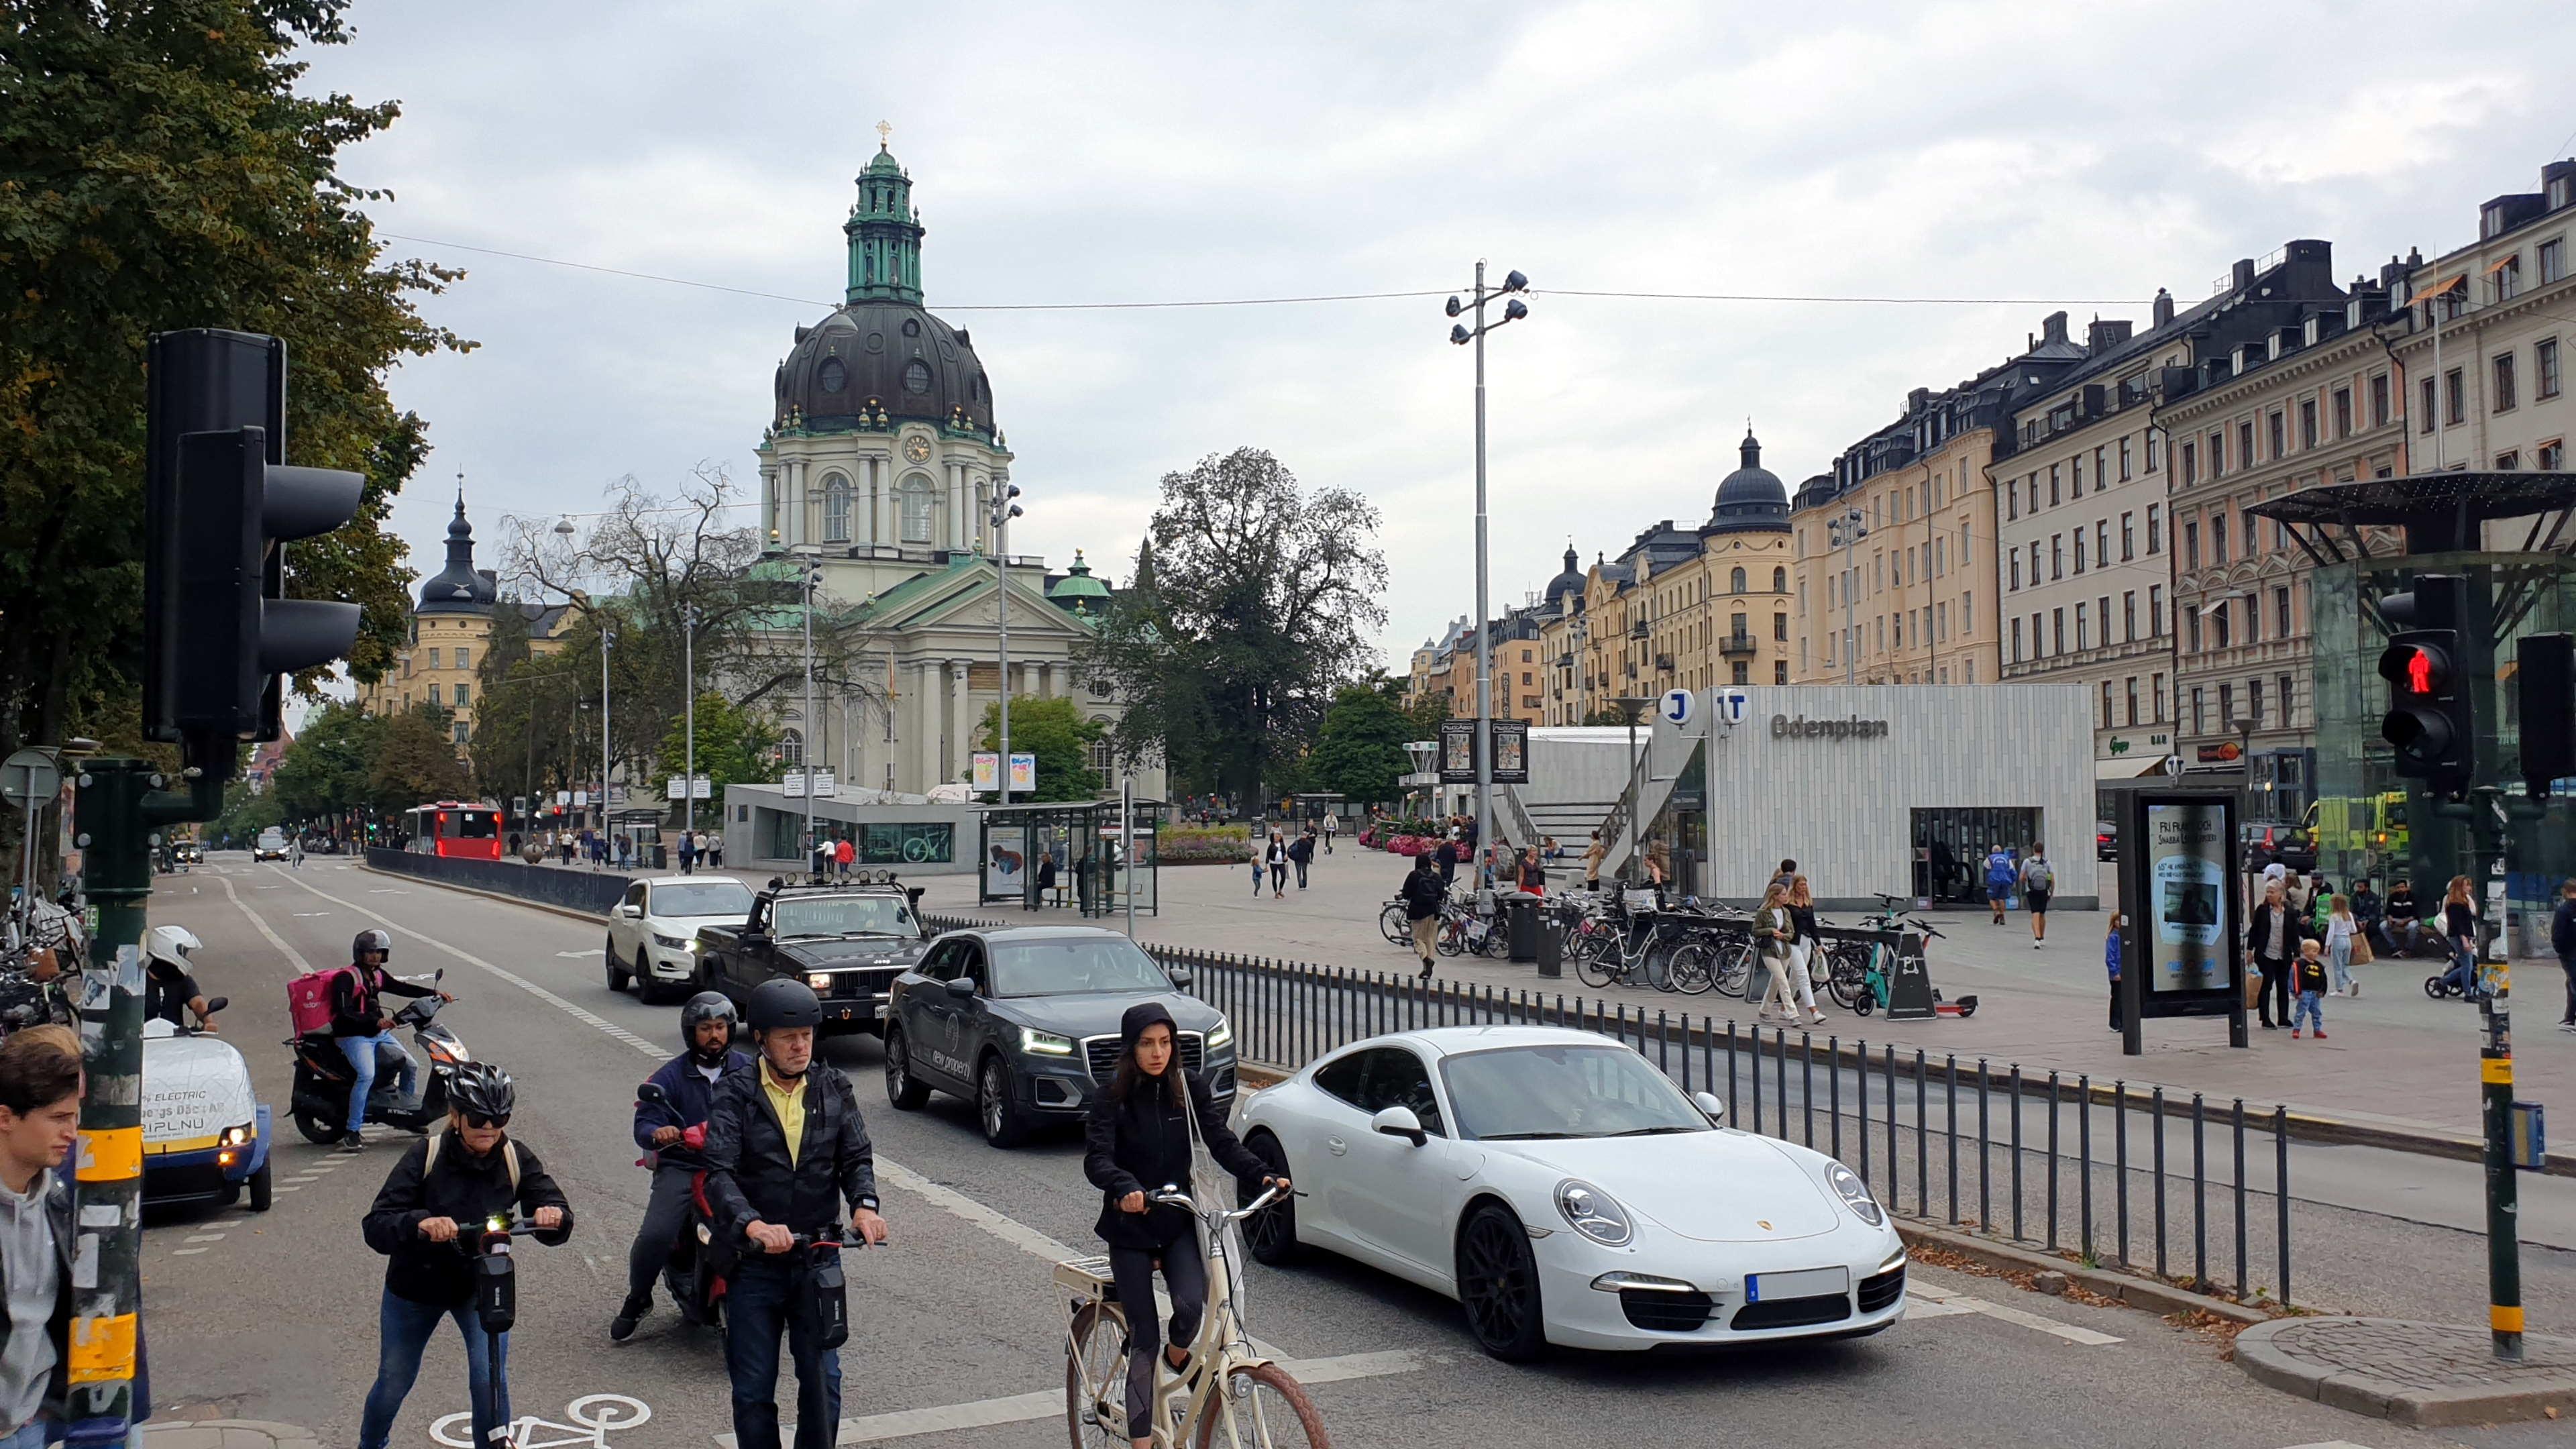 Stockholm, Odenplan, 11 september 2021